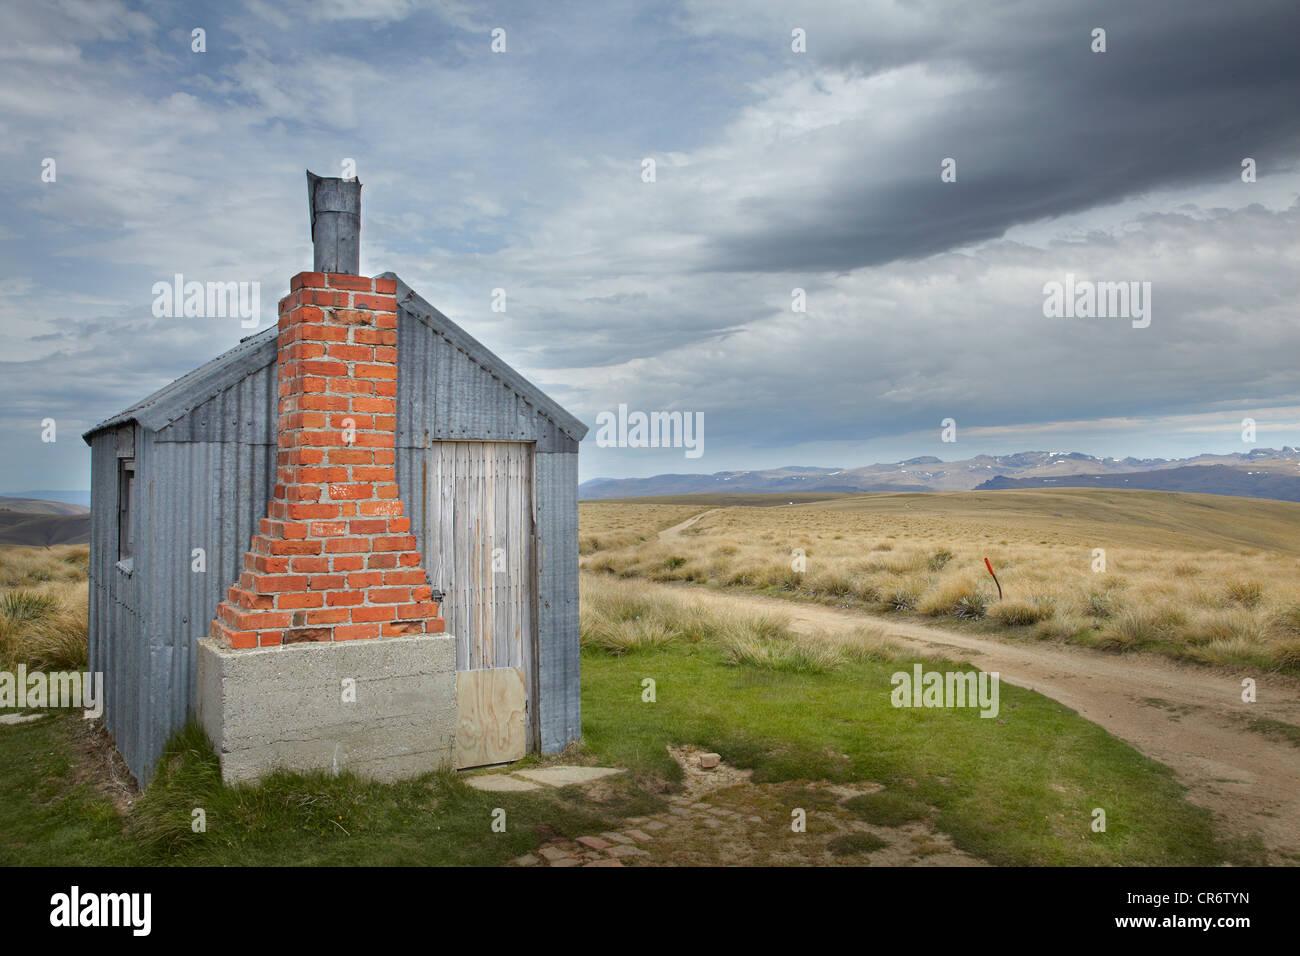 AA Kopuwai Hut, Área de Conservación, Viejo Rango, Southland, Isla del Sur, Nueva Zelanda Imagen De Stock